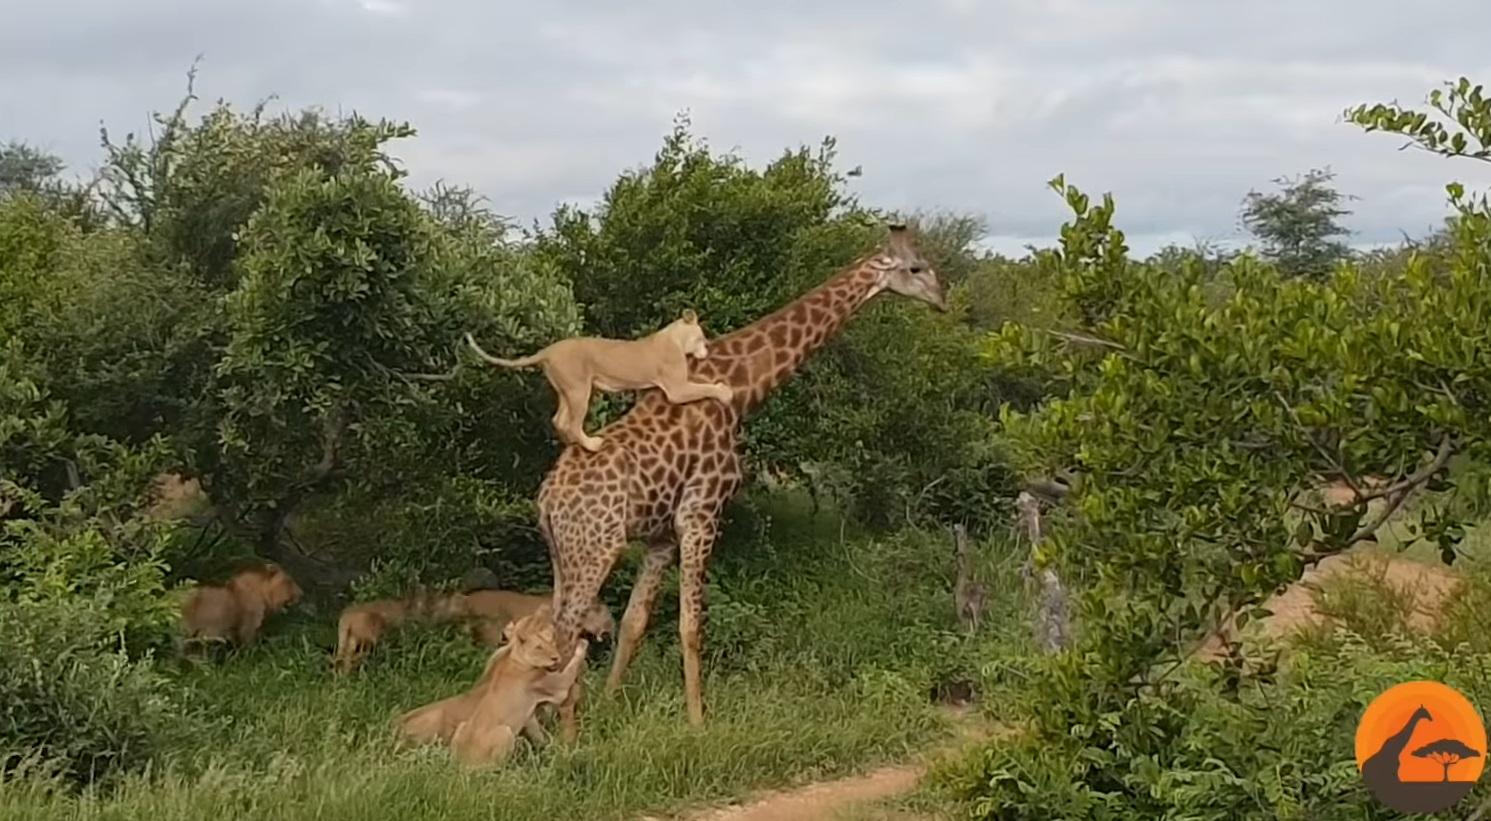 Giraffe Gives Lions A Ride